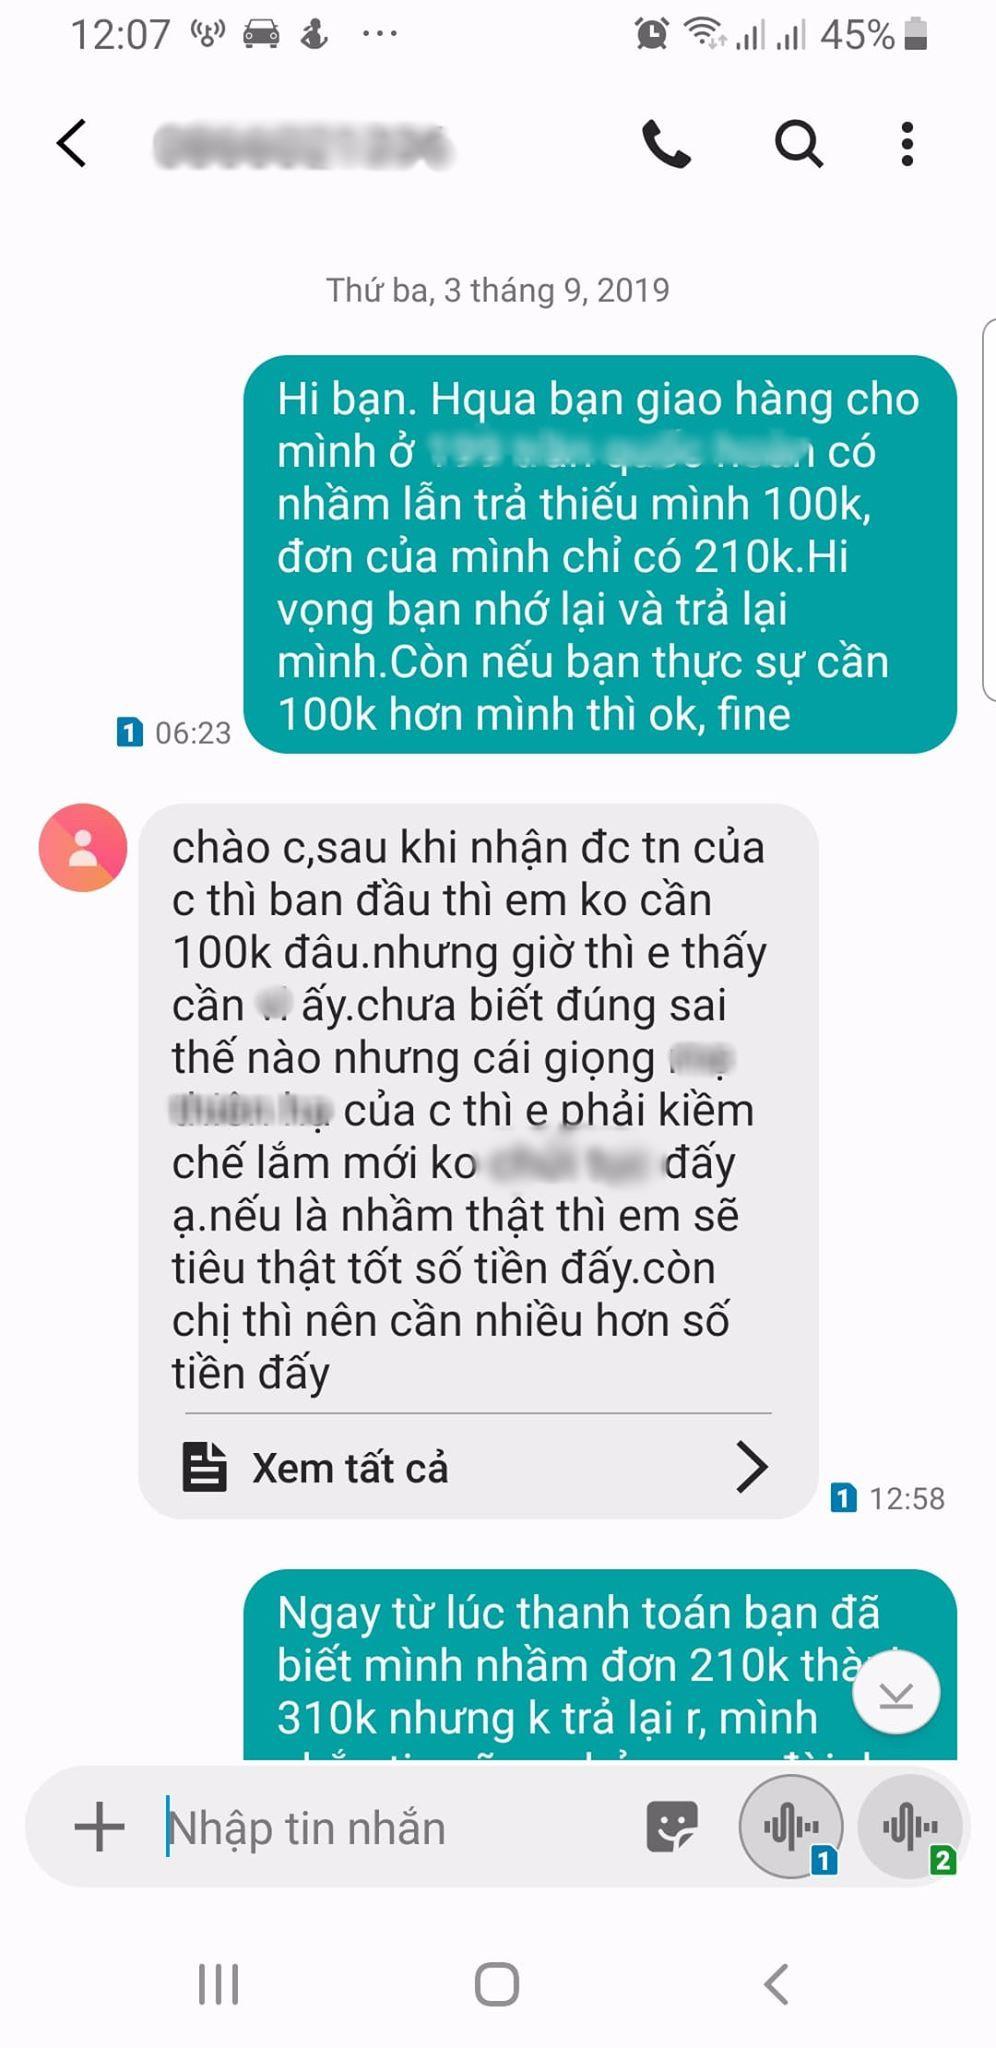 VZN News: Mỉa mai shipper ăn quỵt 100k, cô gái nhận được tin nhắn phản dame: Cái giọng của chị khiến em muốn tiêu thật tốt số tiền ấy, nếu có nhầm thật! - Ảnh 3.